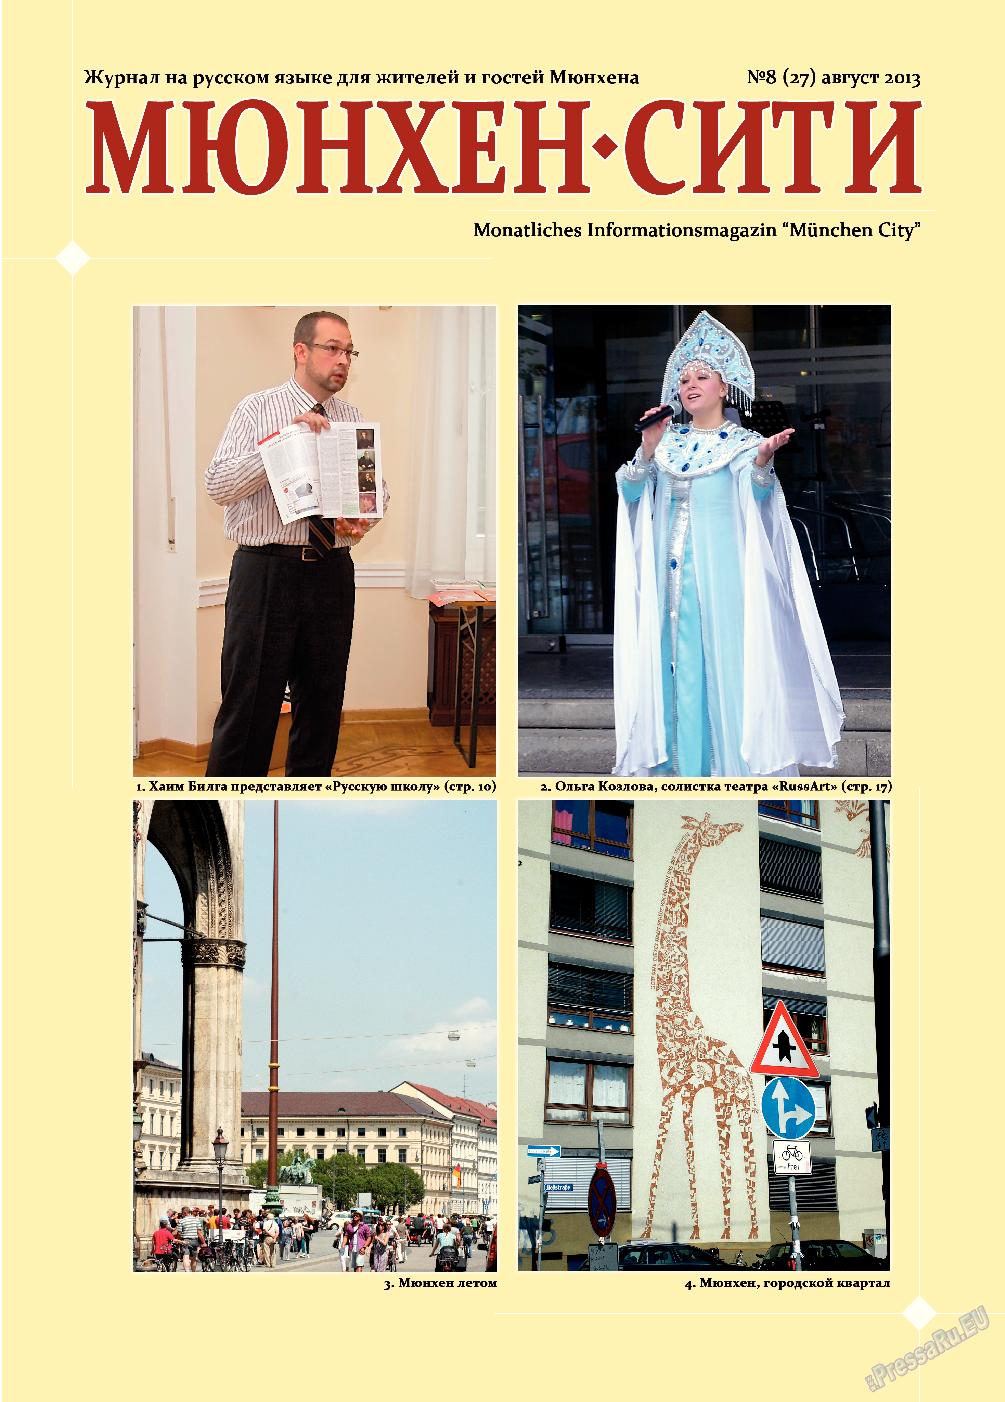 Мюнхен-сити (журнал). 2013 год, номер 8, стр. 1